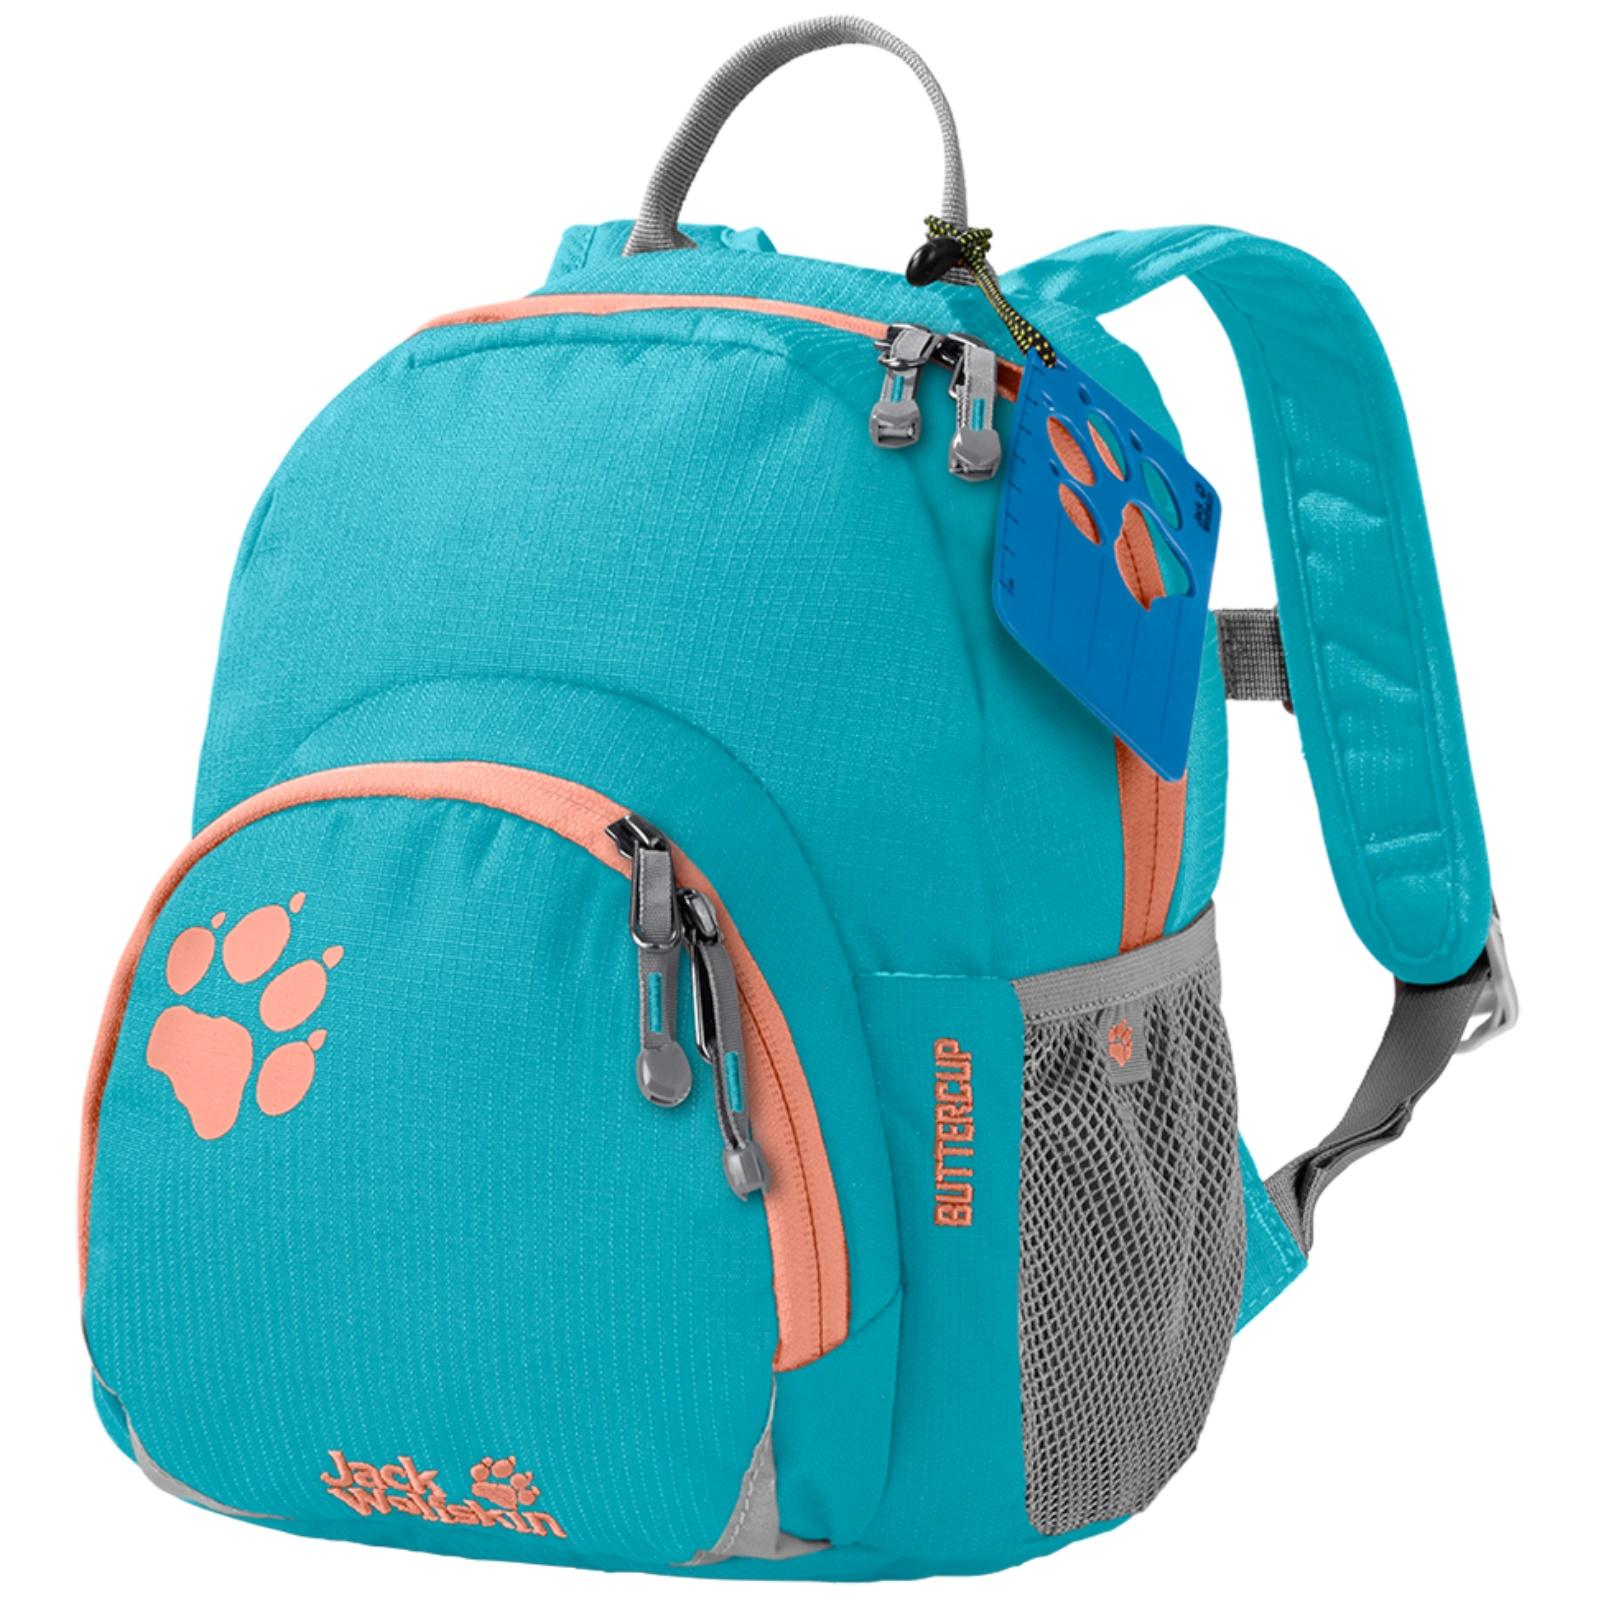 Dětský batoh JACK WOLFSKIN Buttercup - světle modrý